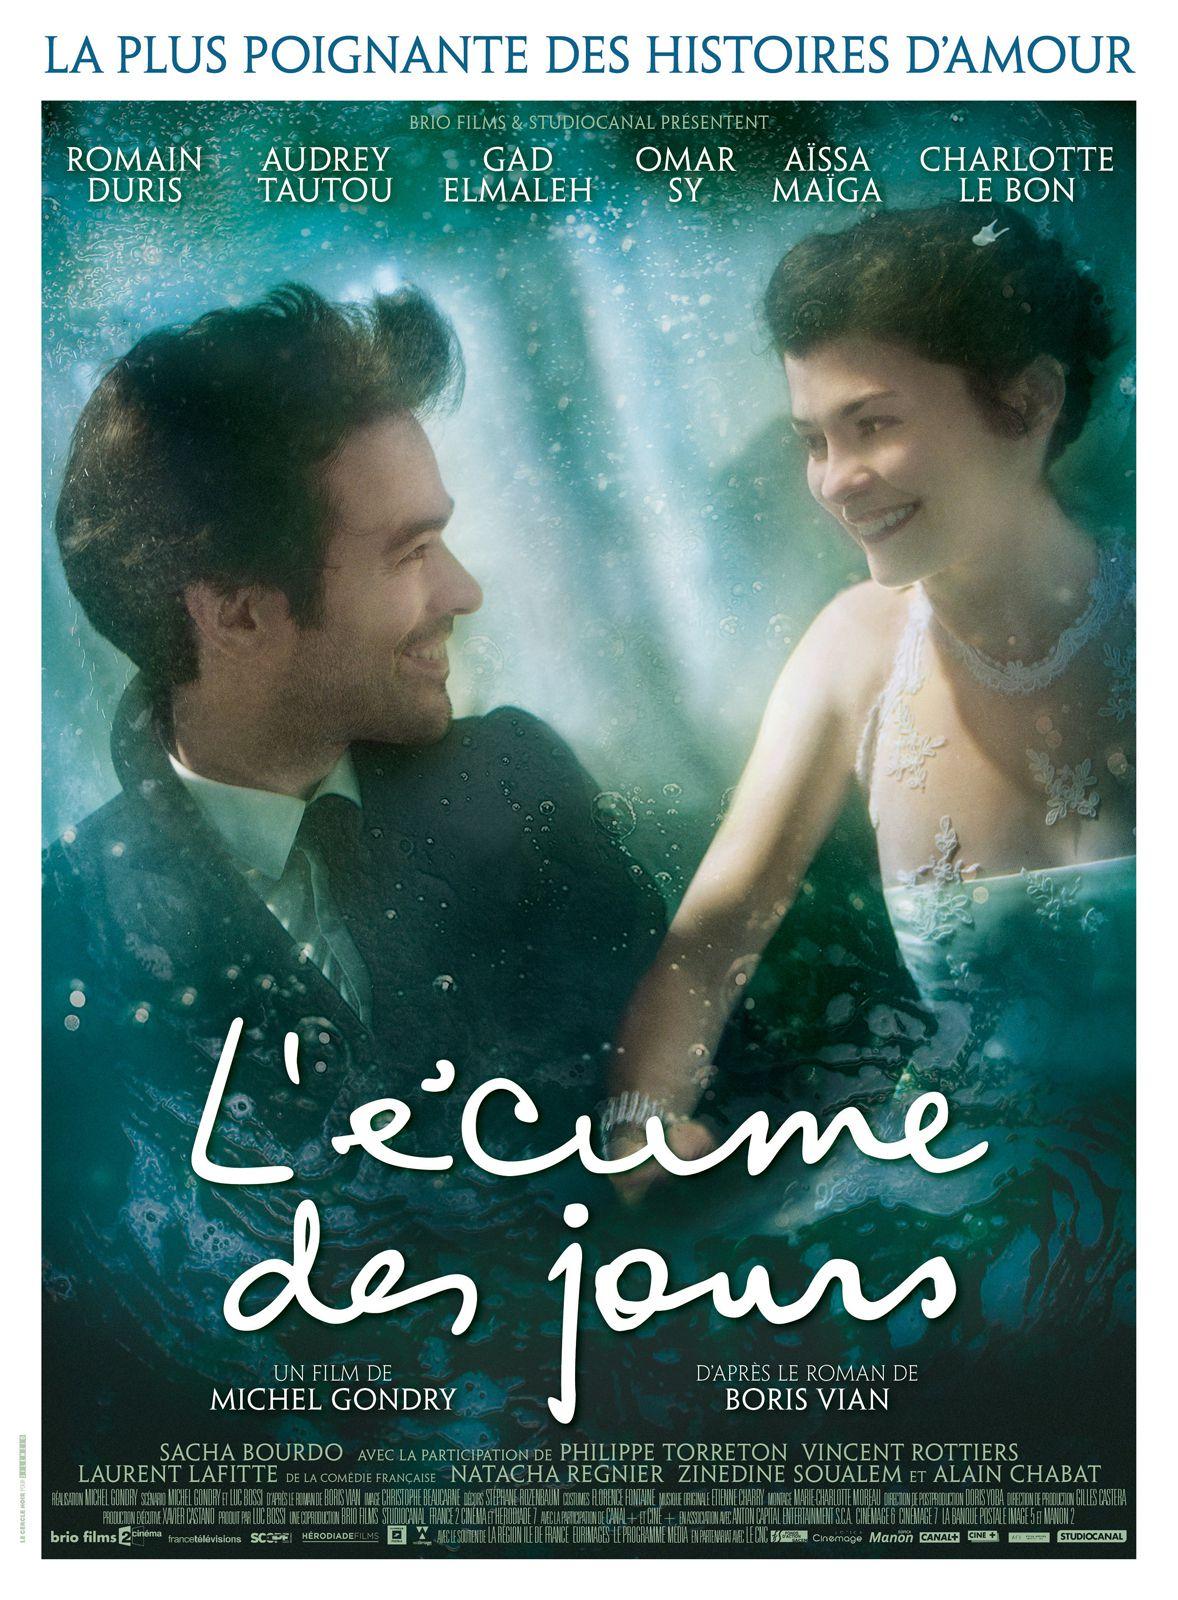 L'Écume des jours - Film (2013)